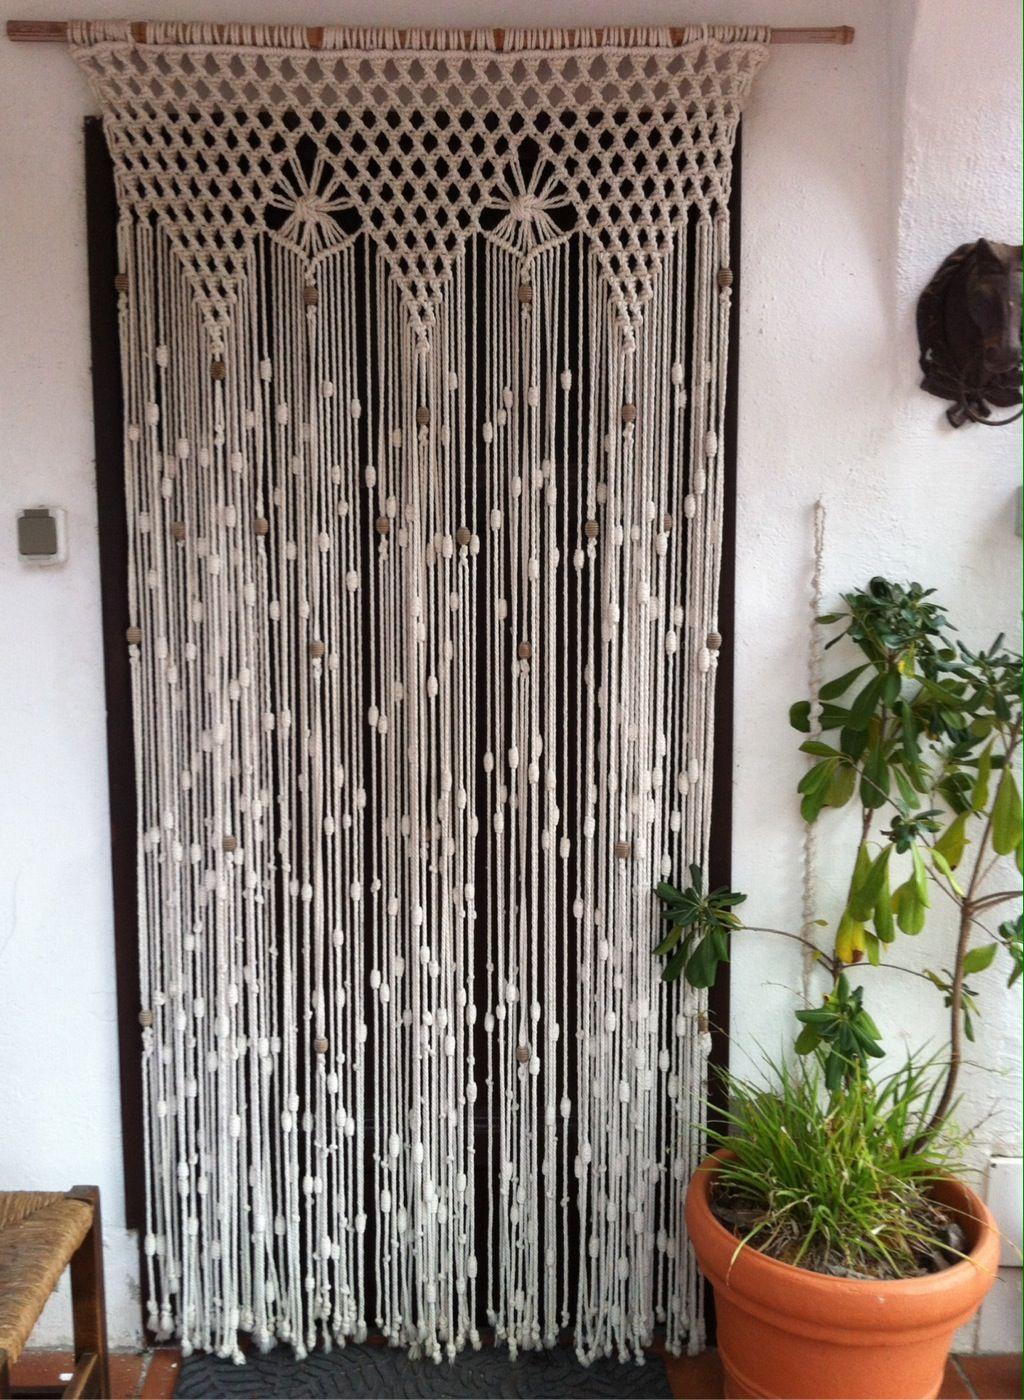 Se hacen cortinas de macram confeccion artesanal - Cortinas de abalorios ...